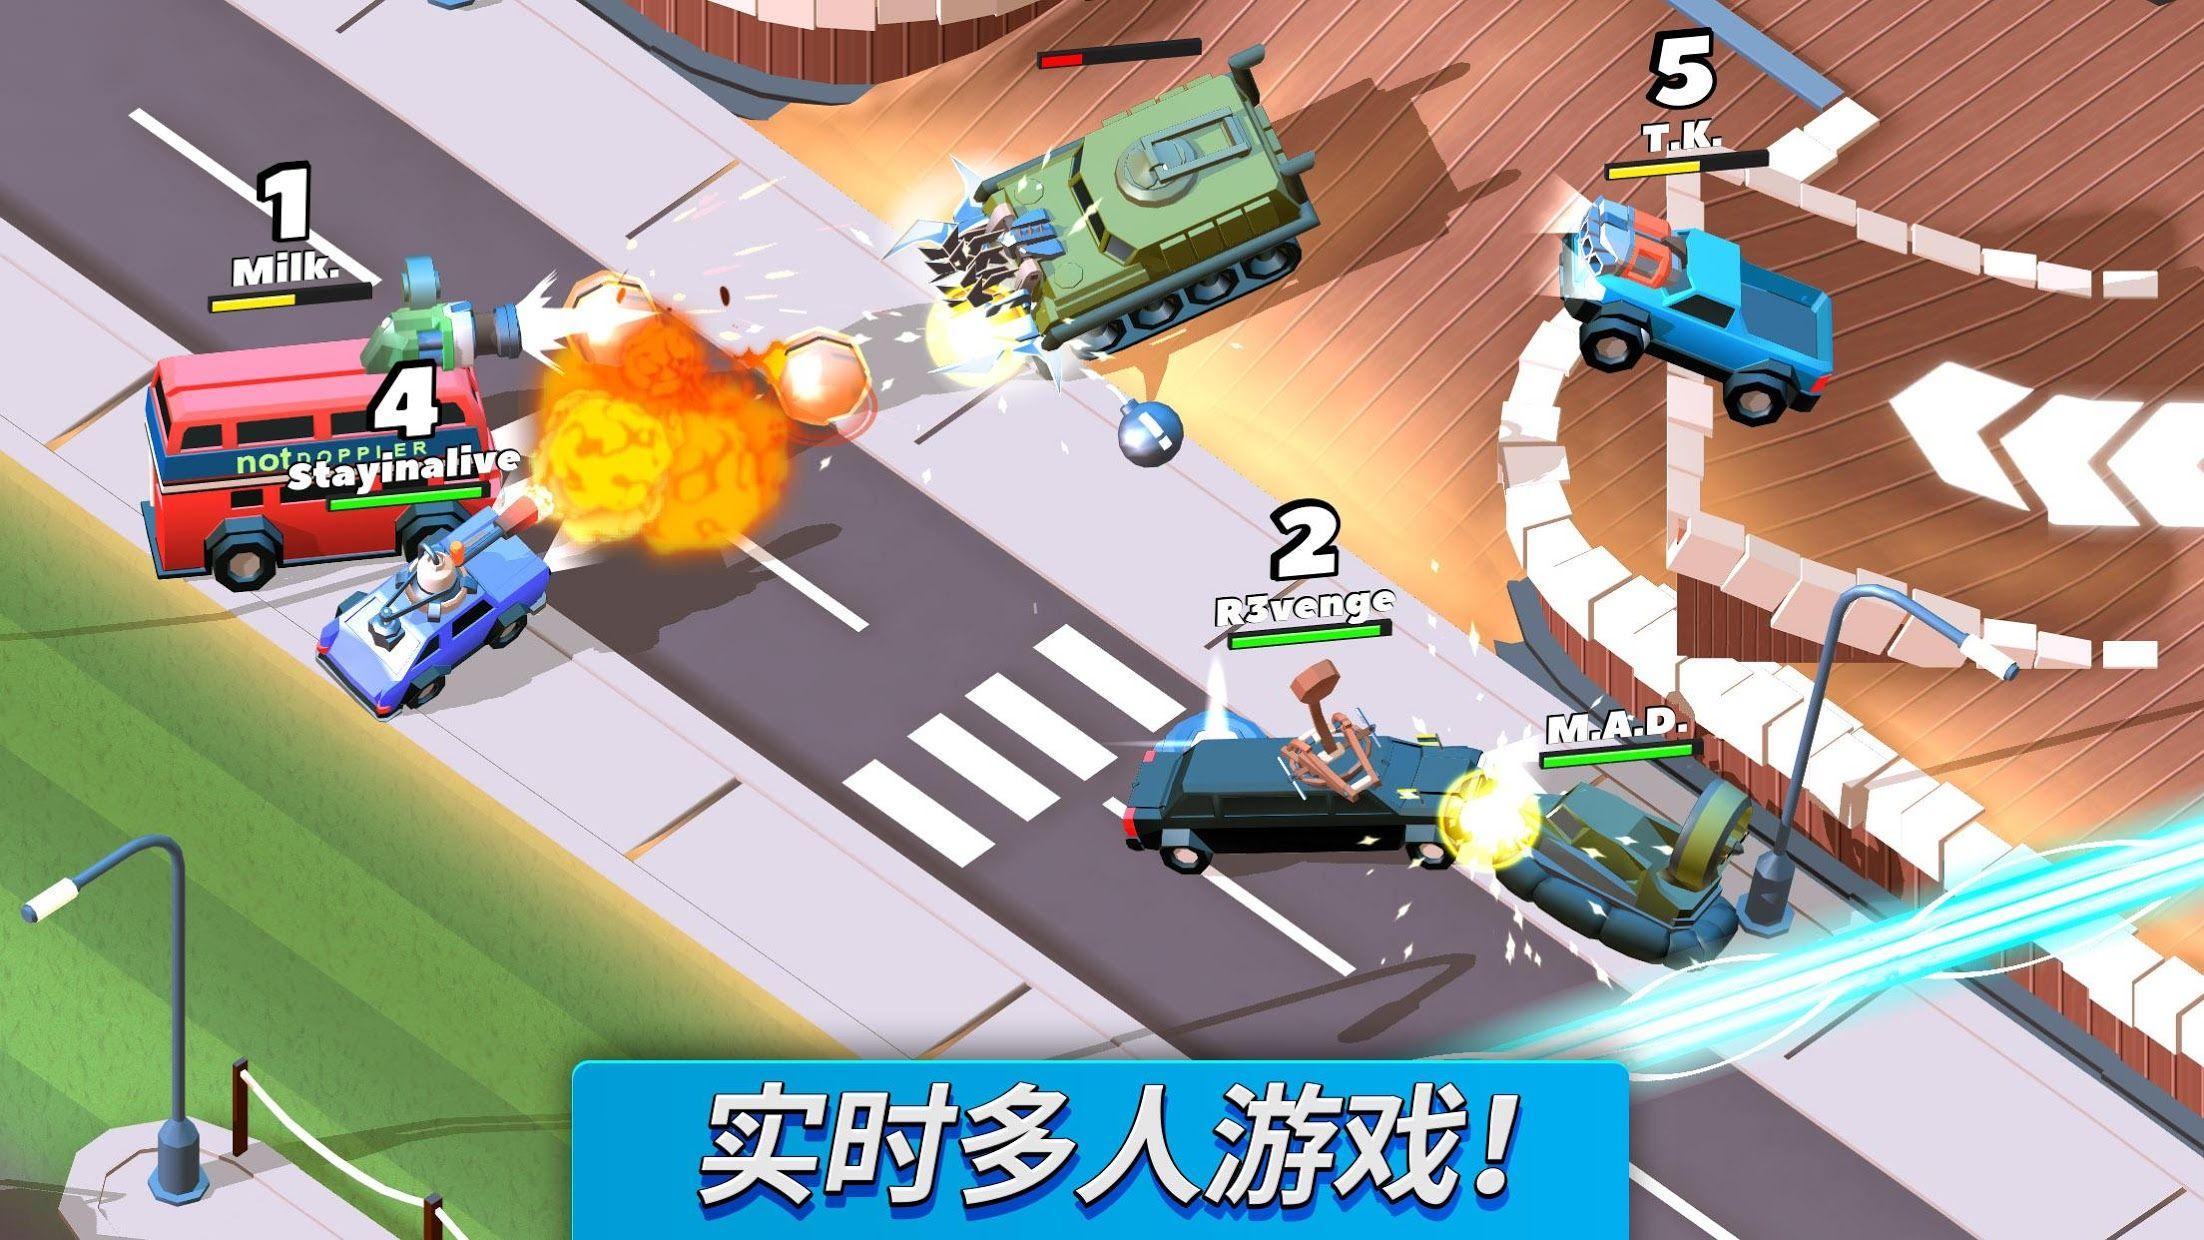 疯狂撞车王 (Crash of Cars) 游戏截图1